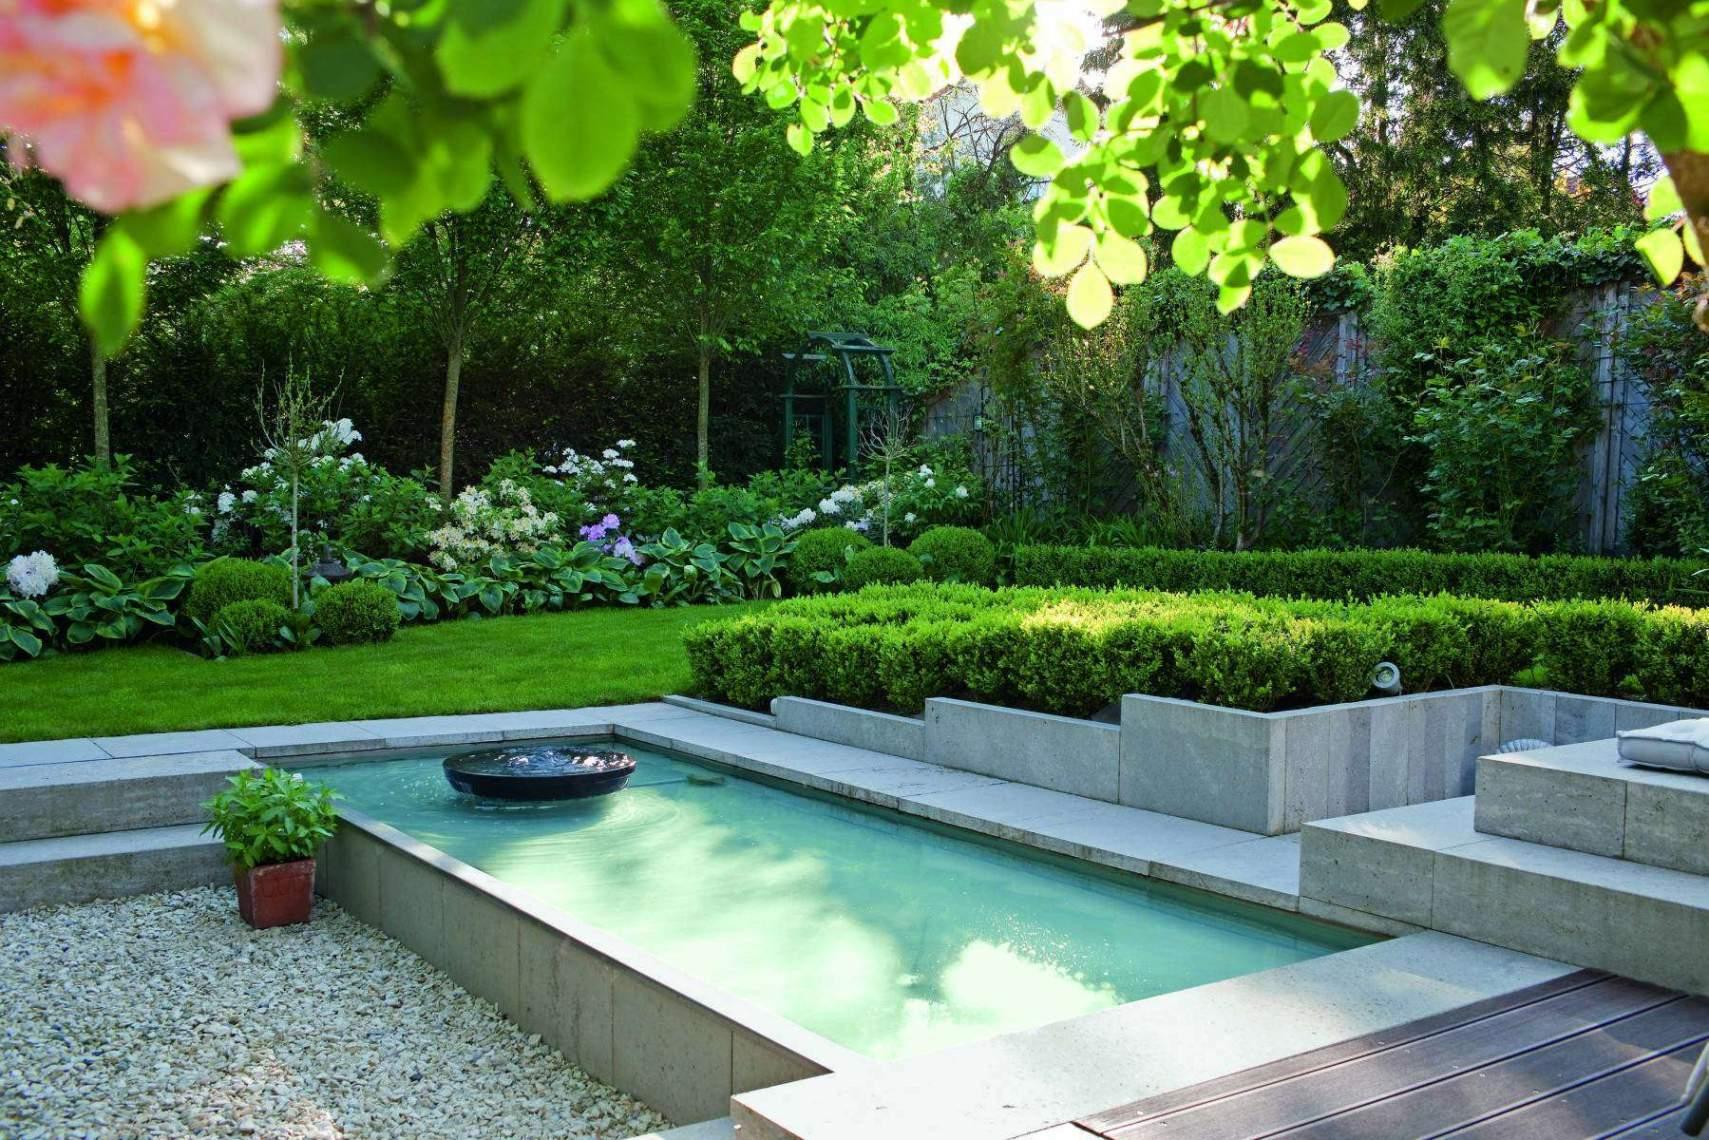 Schwimmbecken Für Garten Frisch Kleine Pools Für Kleine Gärten — Temobardz Home Blog